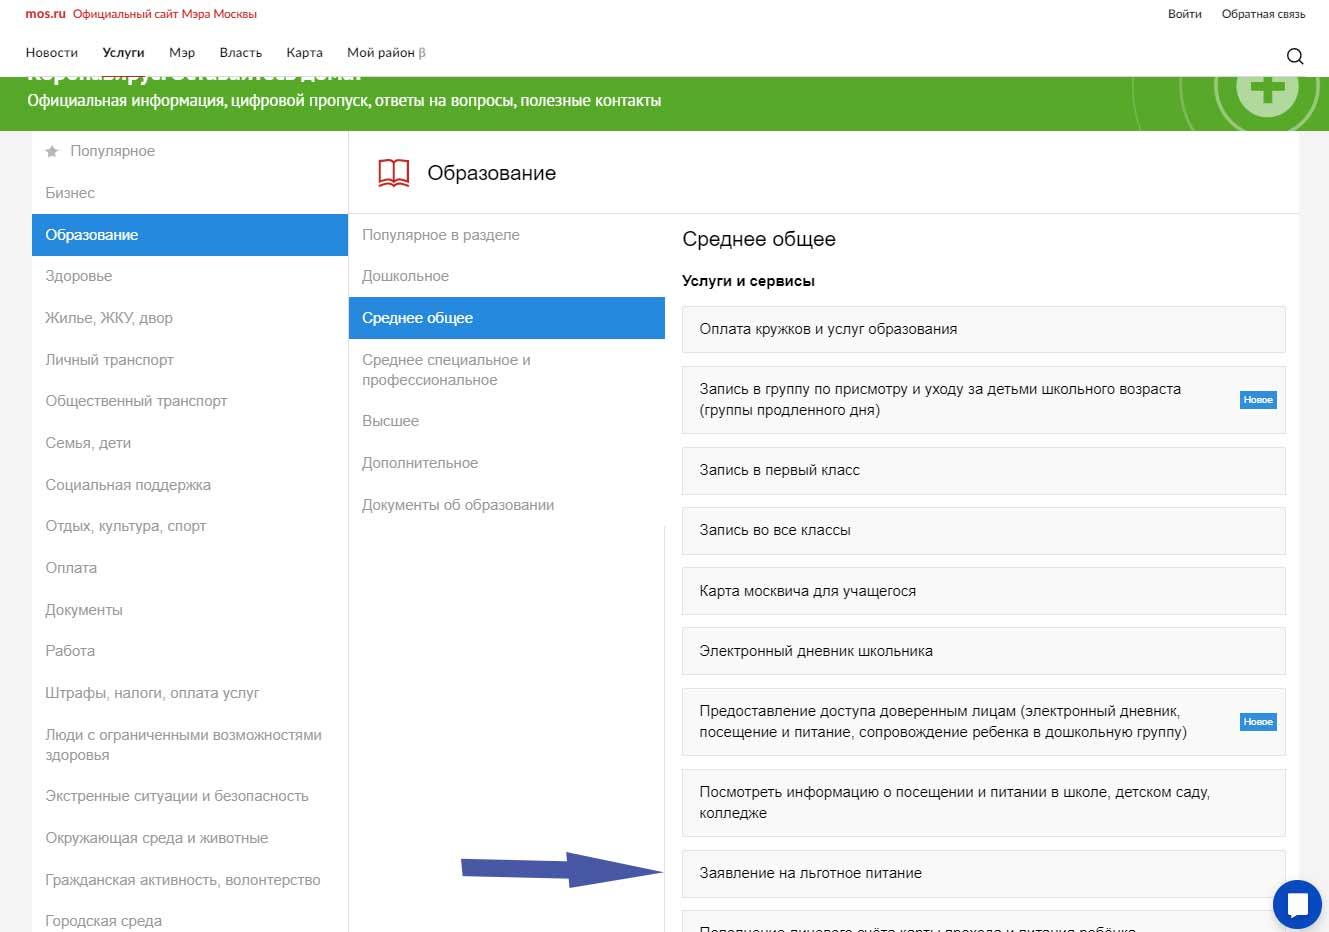 Заявление на питание для малоимущего через сайт mos.ru